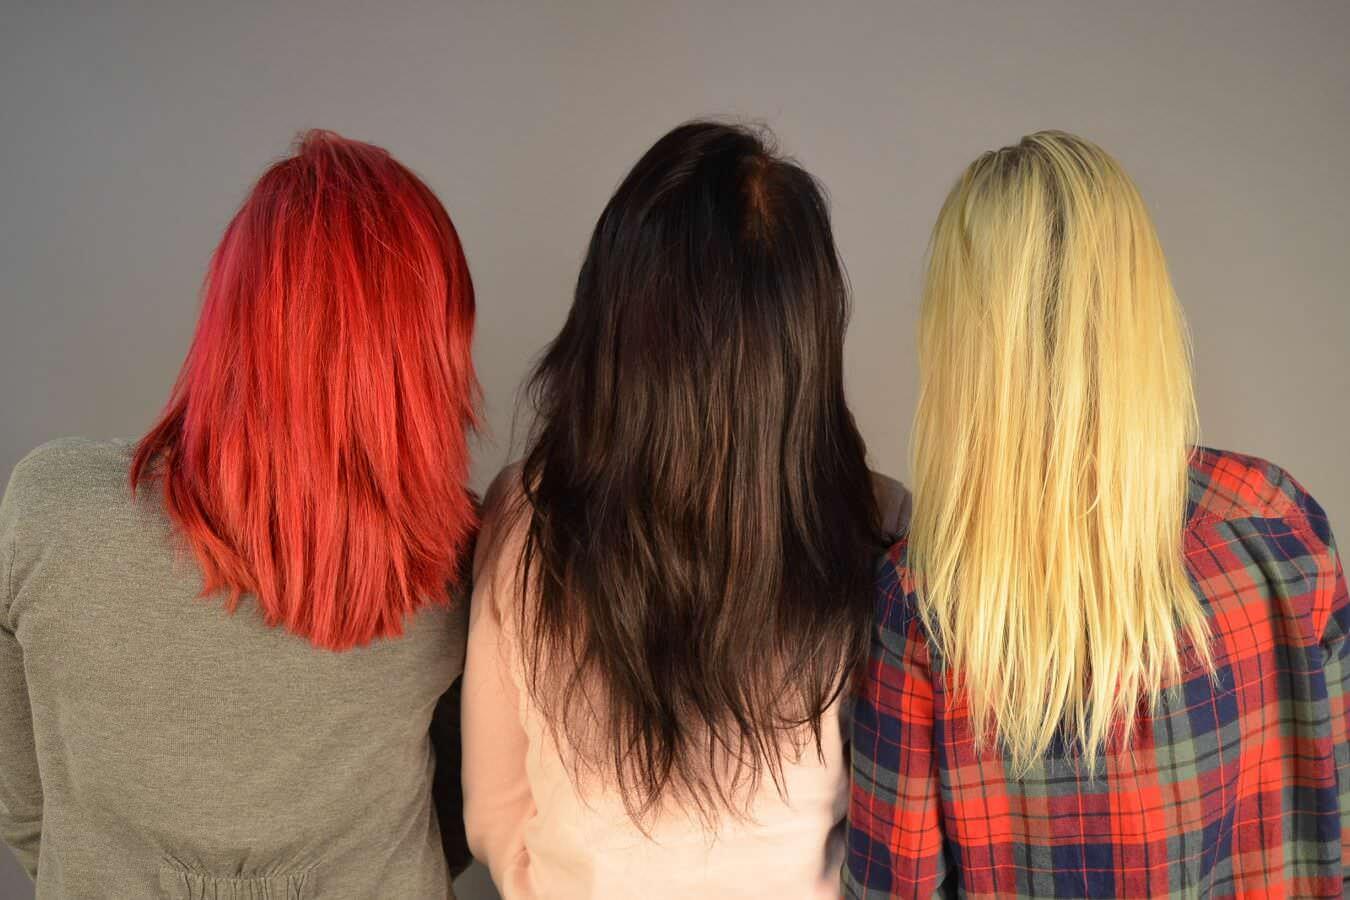 【自宅で市販のヘアカラーで髪染める!】美容院との違いってあるの?のサムネイル画像